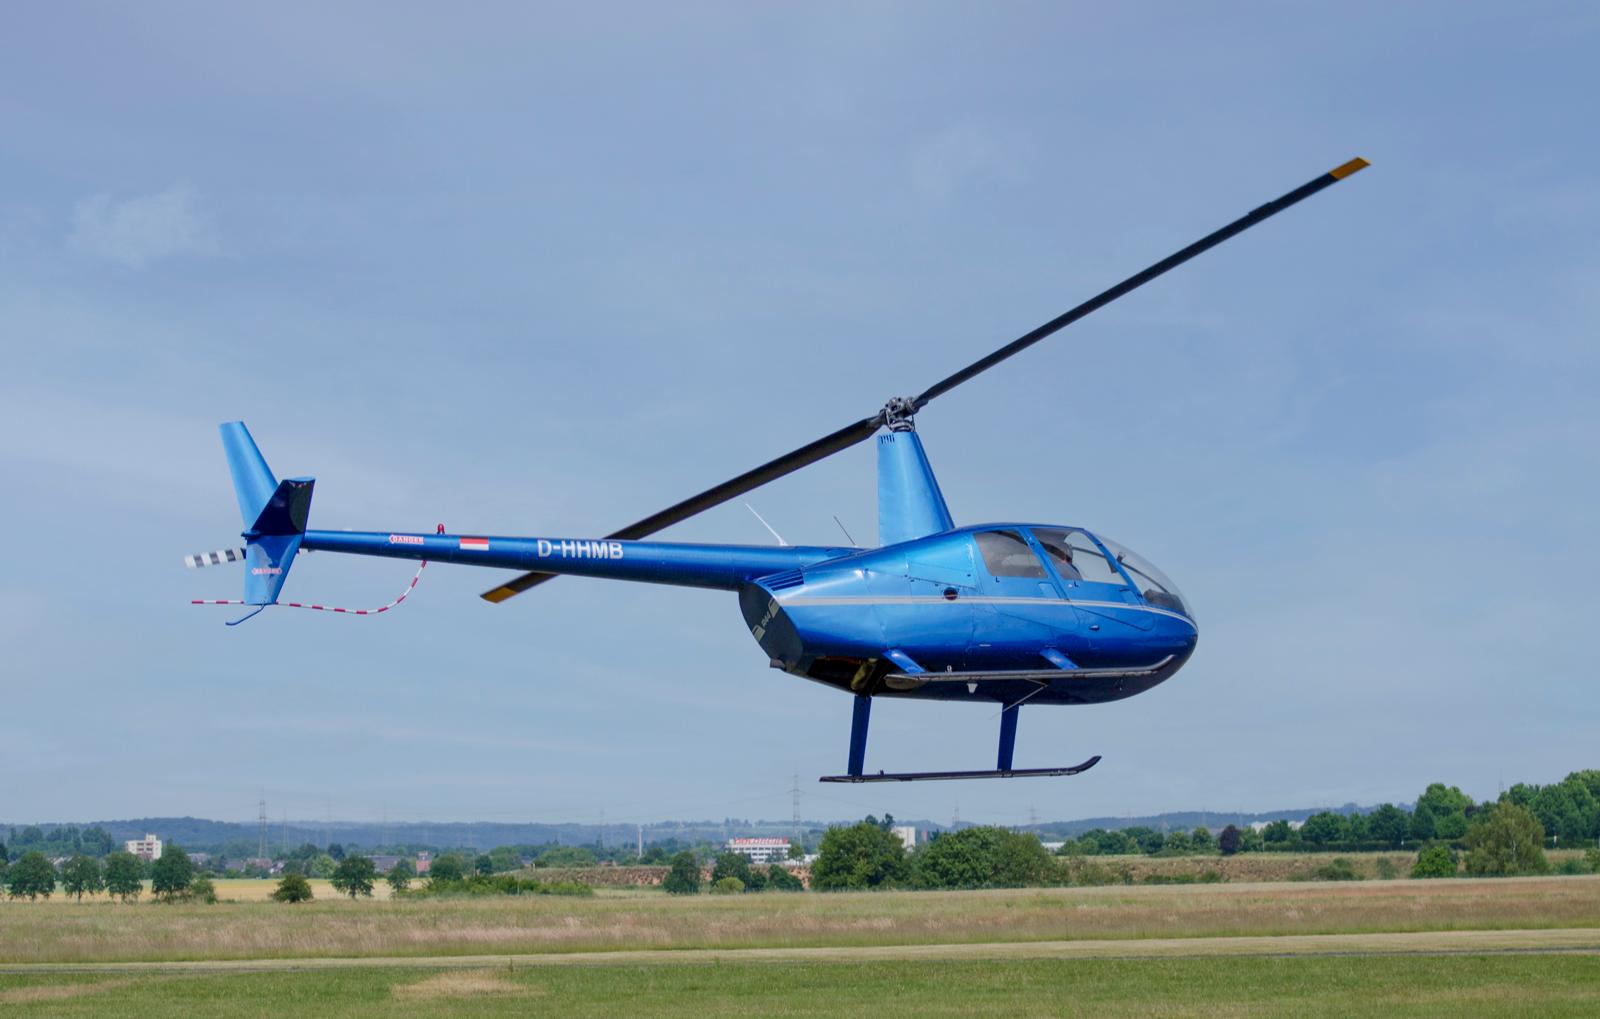 hubschrauber-rundflug-atting-bg1